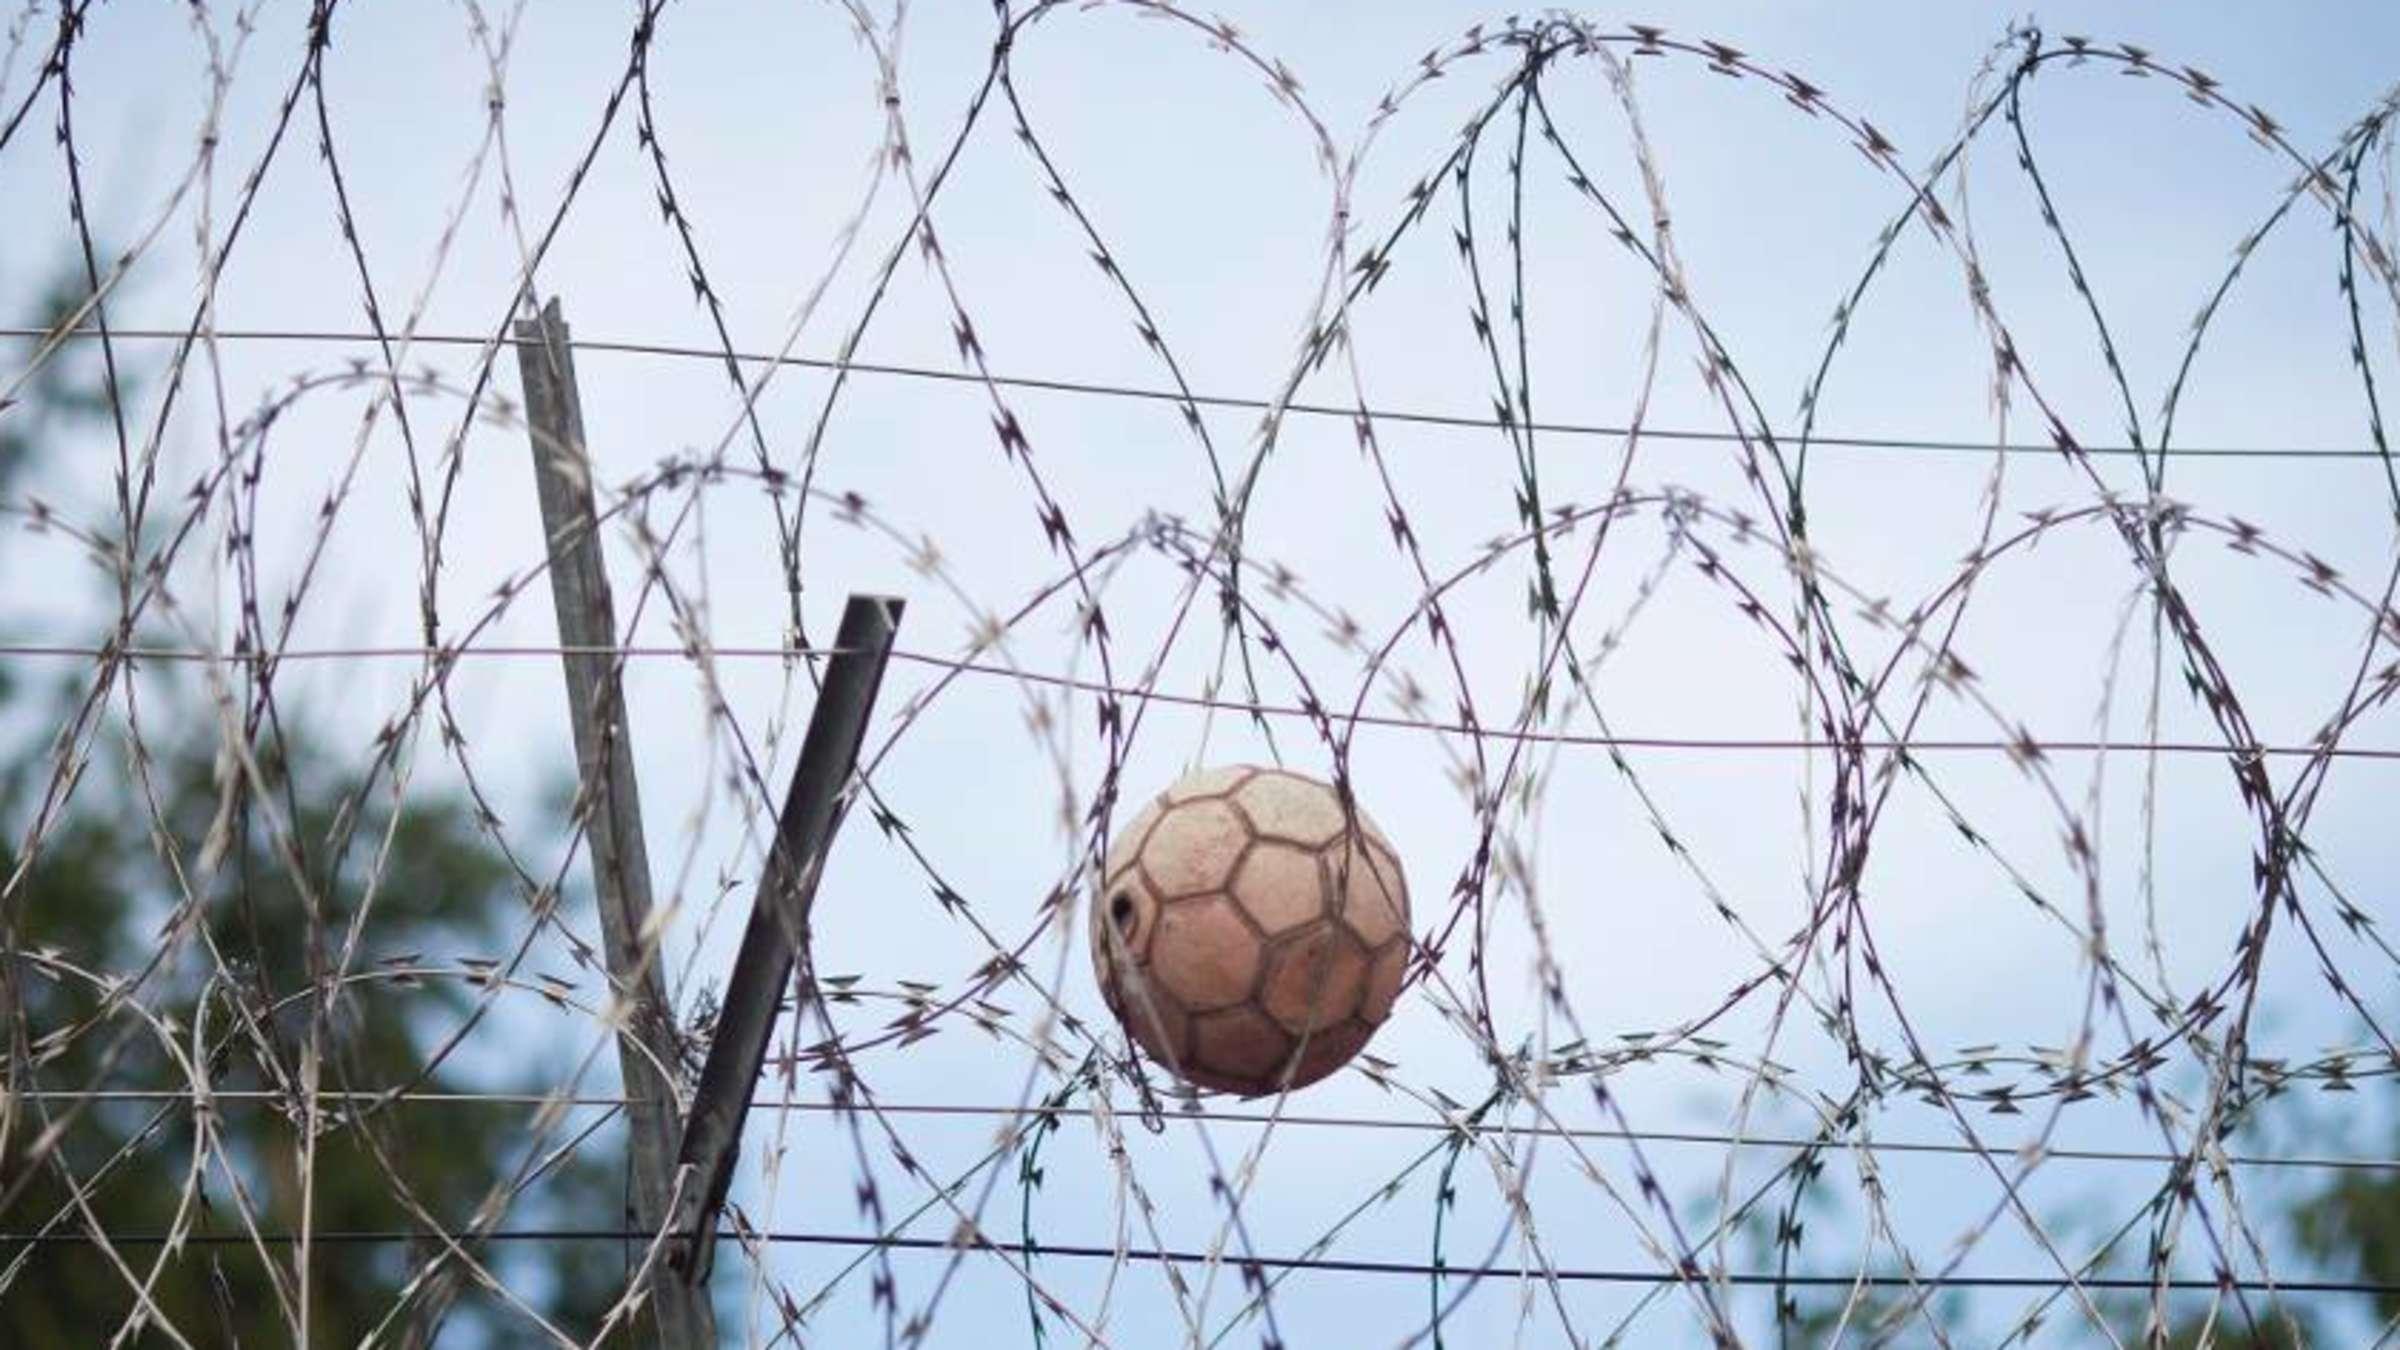 Gefangnis Haftlinge Werden Fussball Trainer Im Knast